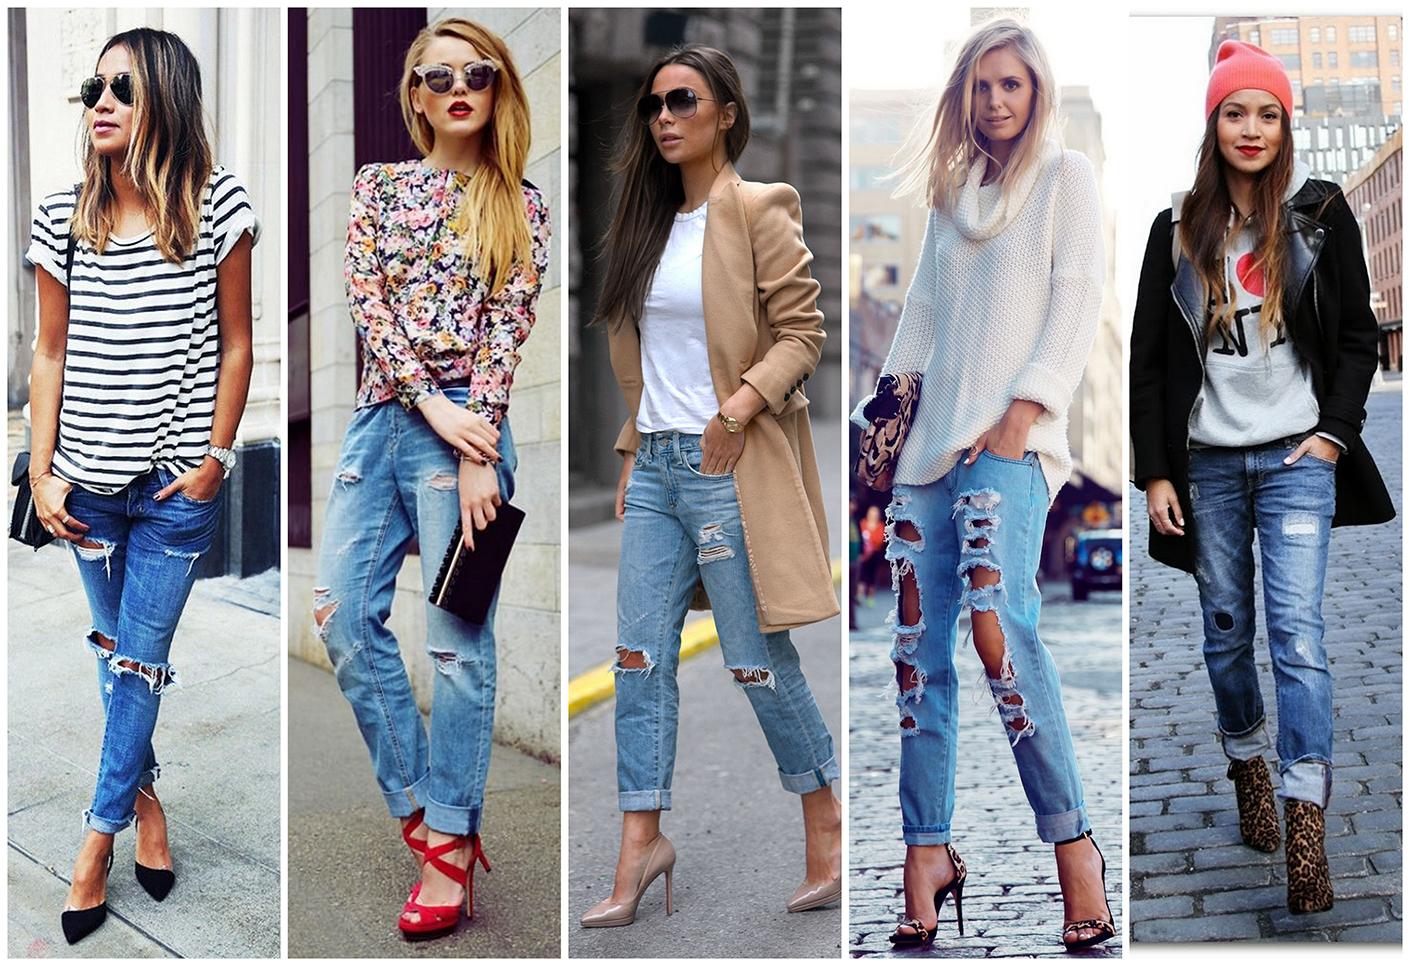 Фото модных сочетаний рваных джинсов 2017 в разных стилях